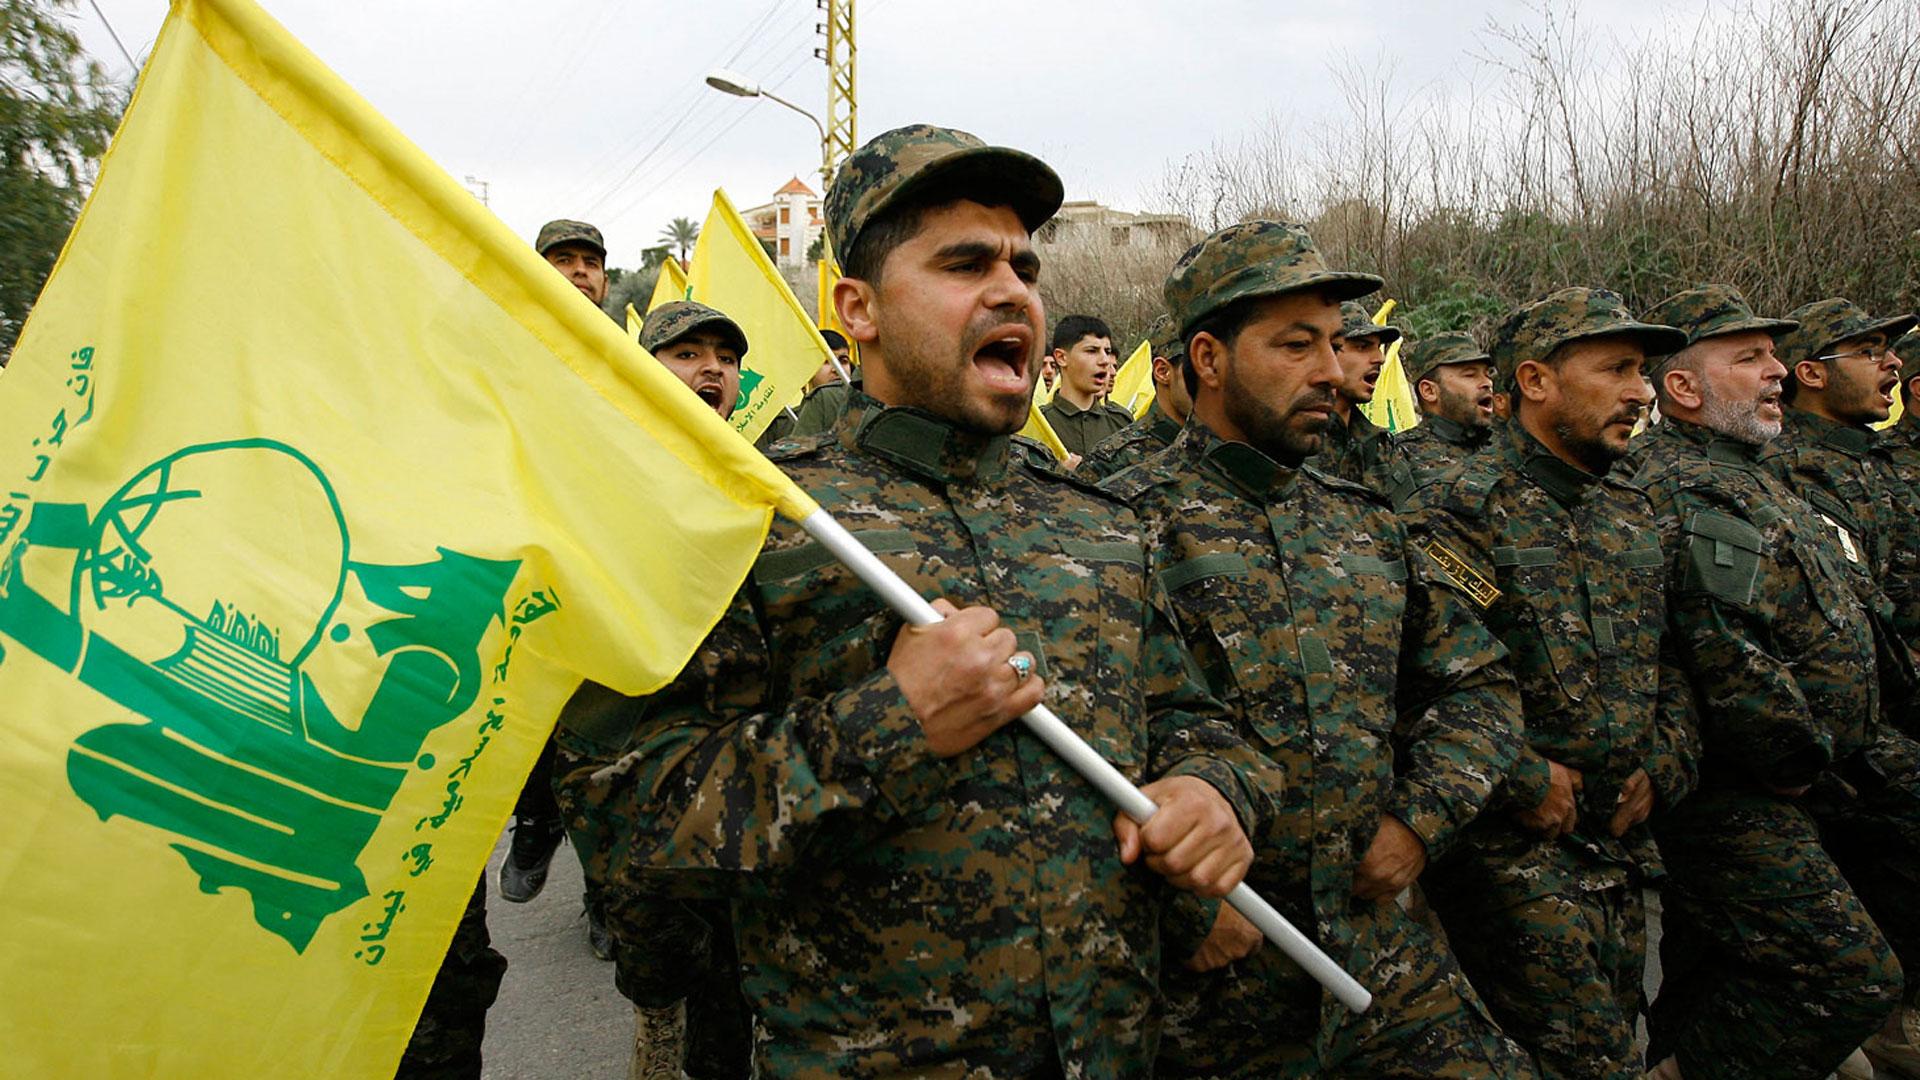 Hezbollah mantiene una lucha armada en Líbano y Siria con el Estado Islámico